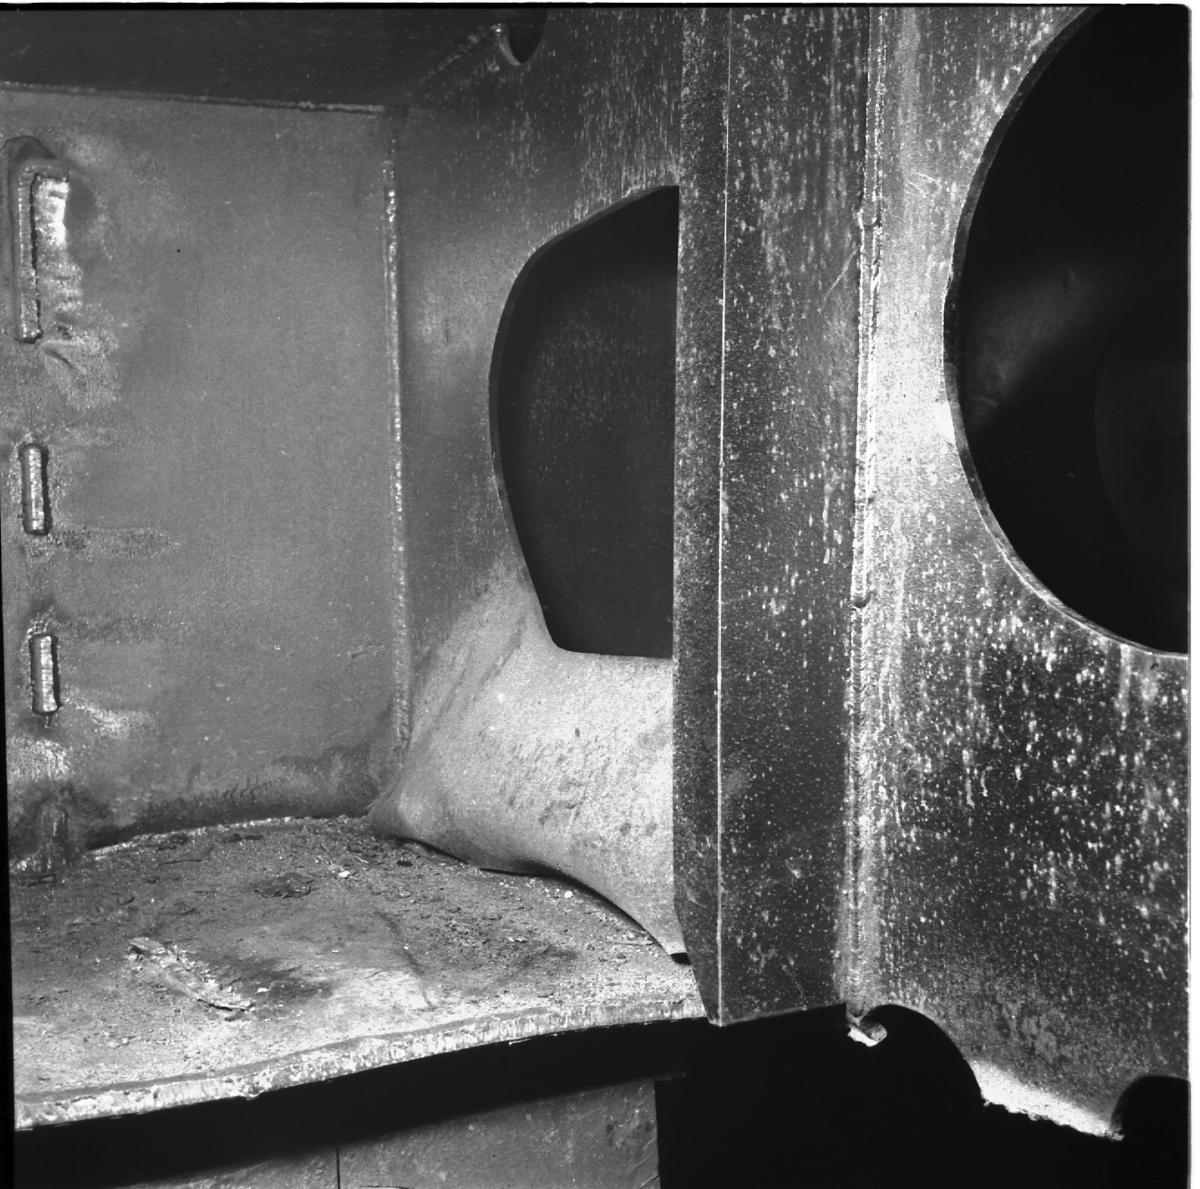 Fartyg: THULE                           Övrigt: Isbrytaren Thules bottenskador